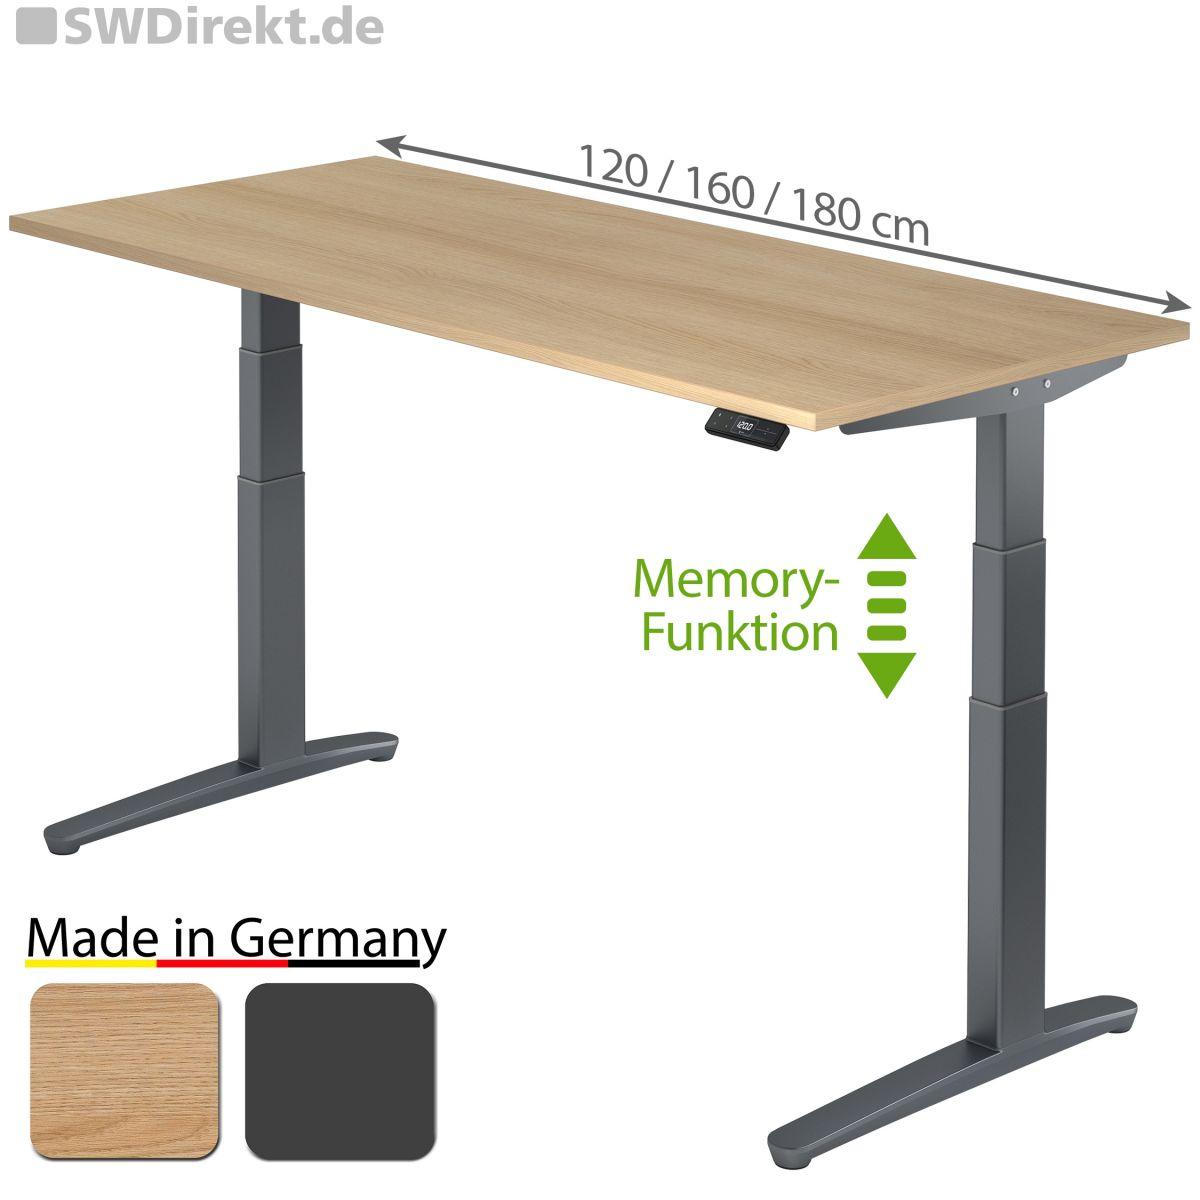 Arbeitstisch 180x80 cm elektromotorisch höhenverstellbar inkl. Memory-Funktion, Fußgestell in graphit, Tischplatte Eiche Dekor